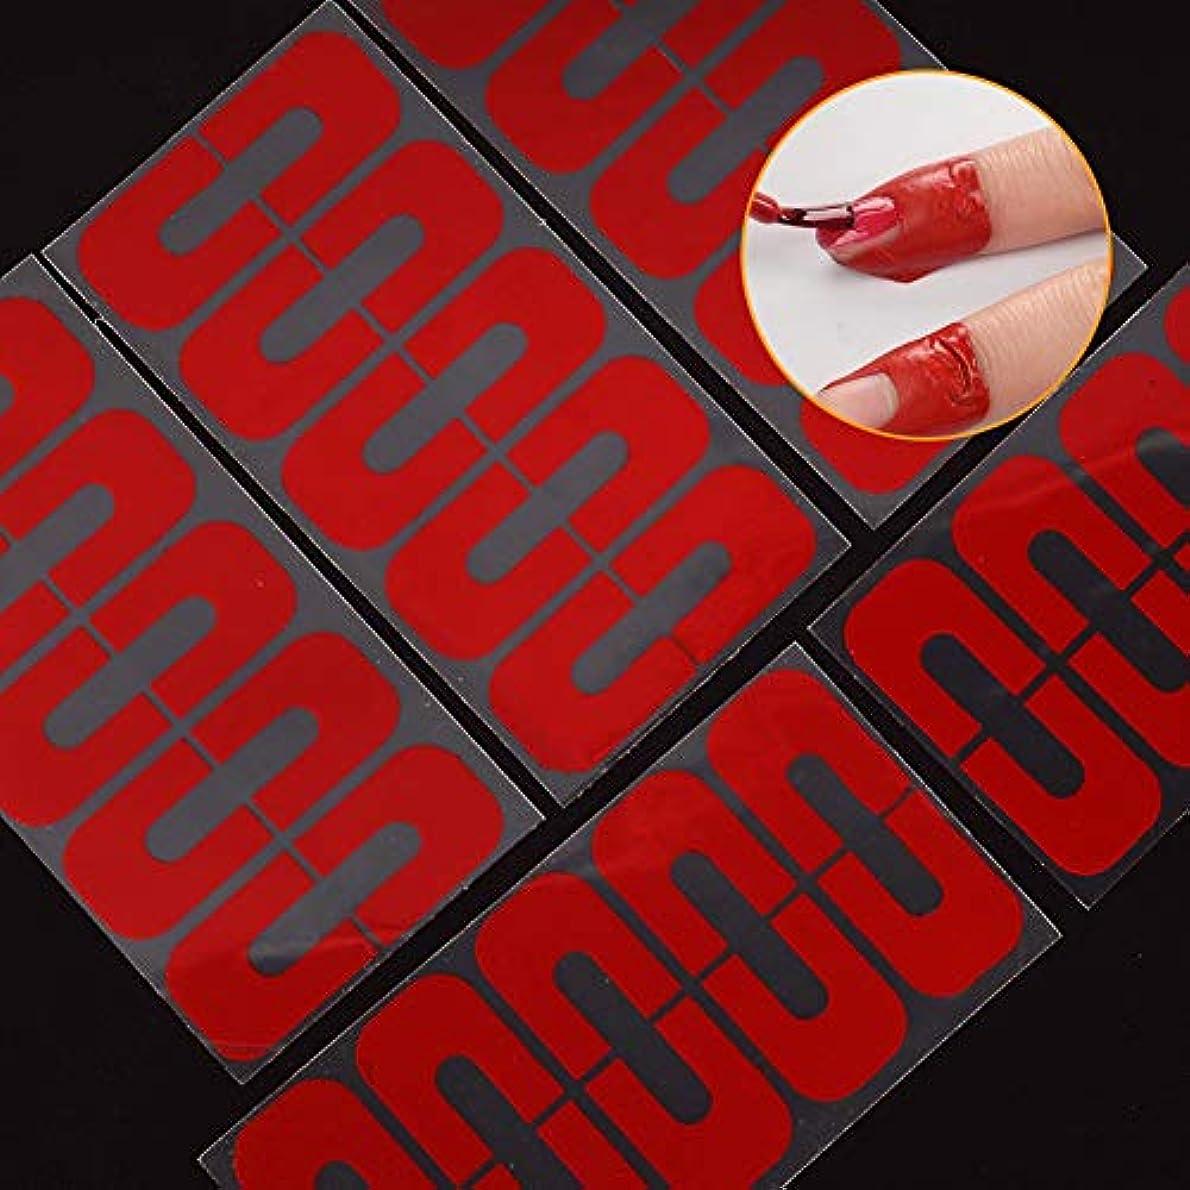 ストローク椅子コミュニケーションhamulekfae-50個使い捨てU字型こぼれ防止ネイルプロテクター弾性指カバーステッカー - 赤50個Red50pcs